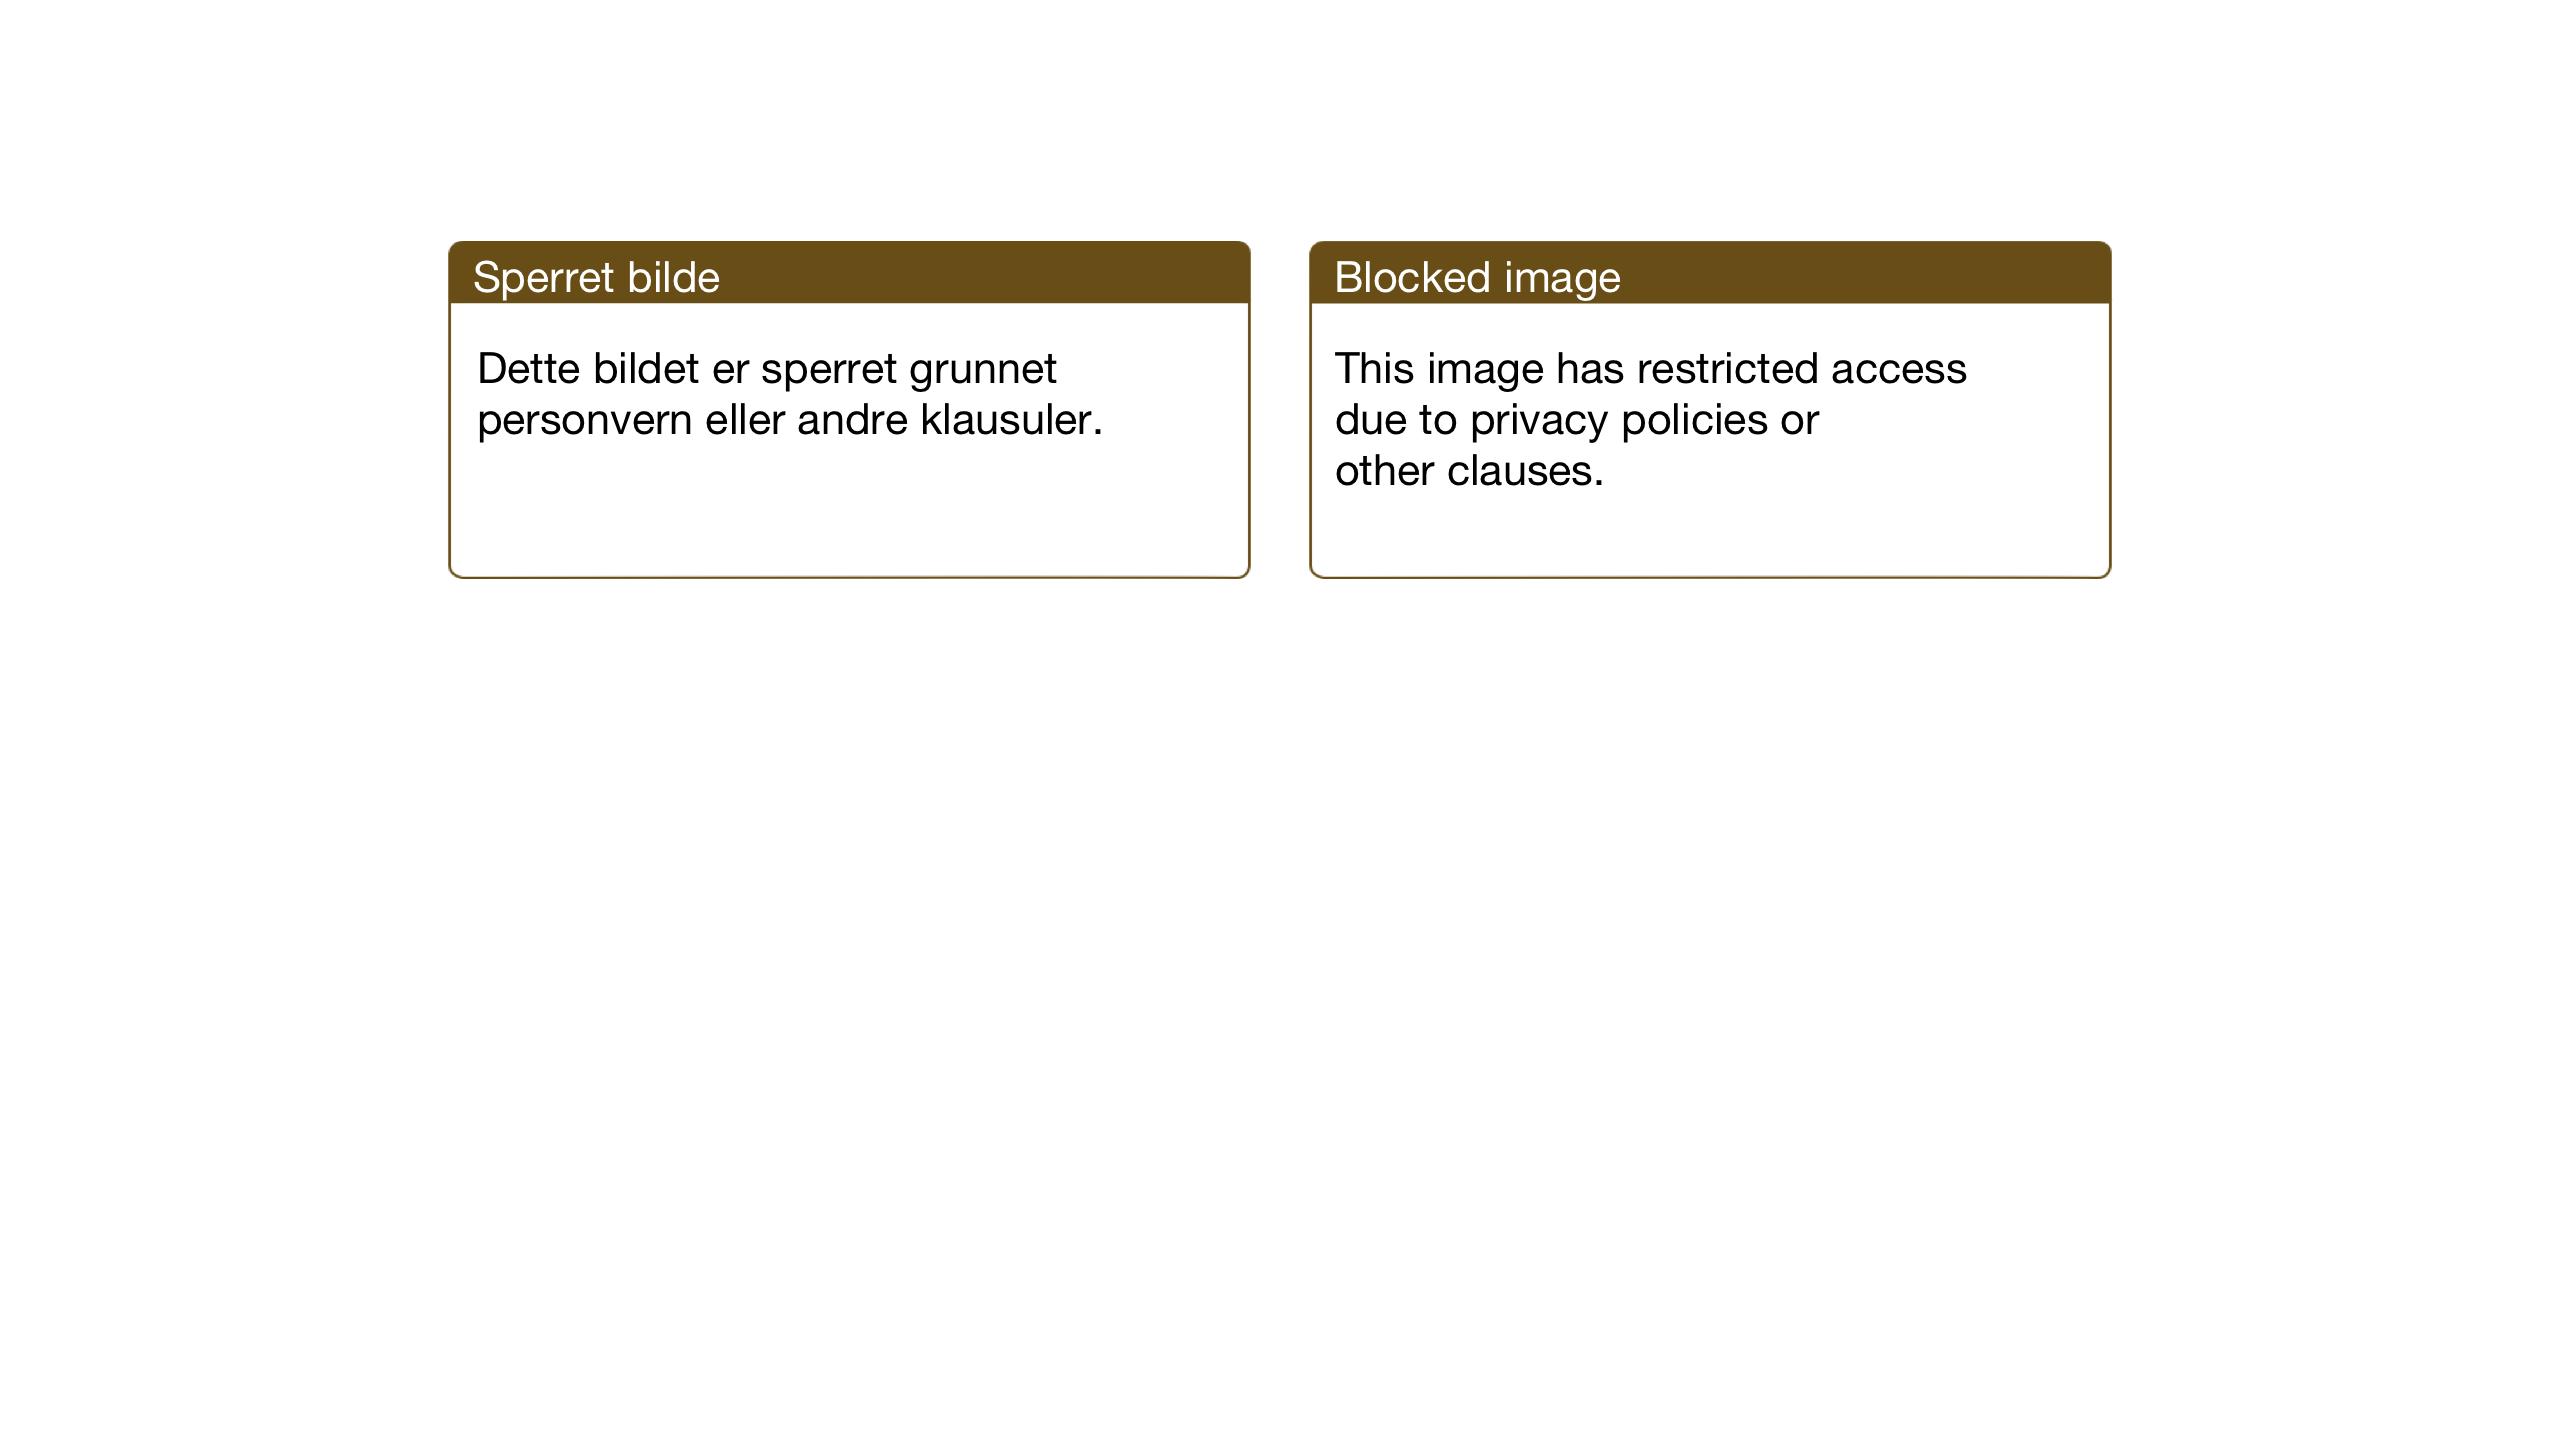 SAT, Ministerialprotokoller, klokkerbøker og fødselsregistre - Nord-Trøndelag, 733/L0328: Klokkerbok nr. 733C03, 1919-1966, s. 39